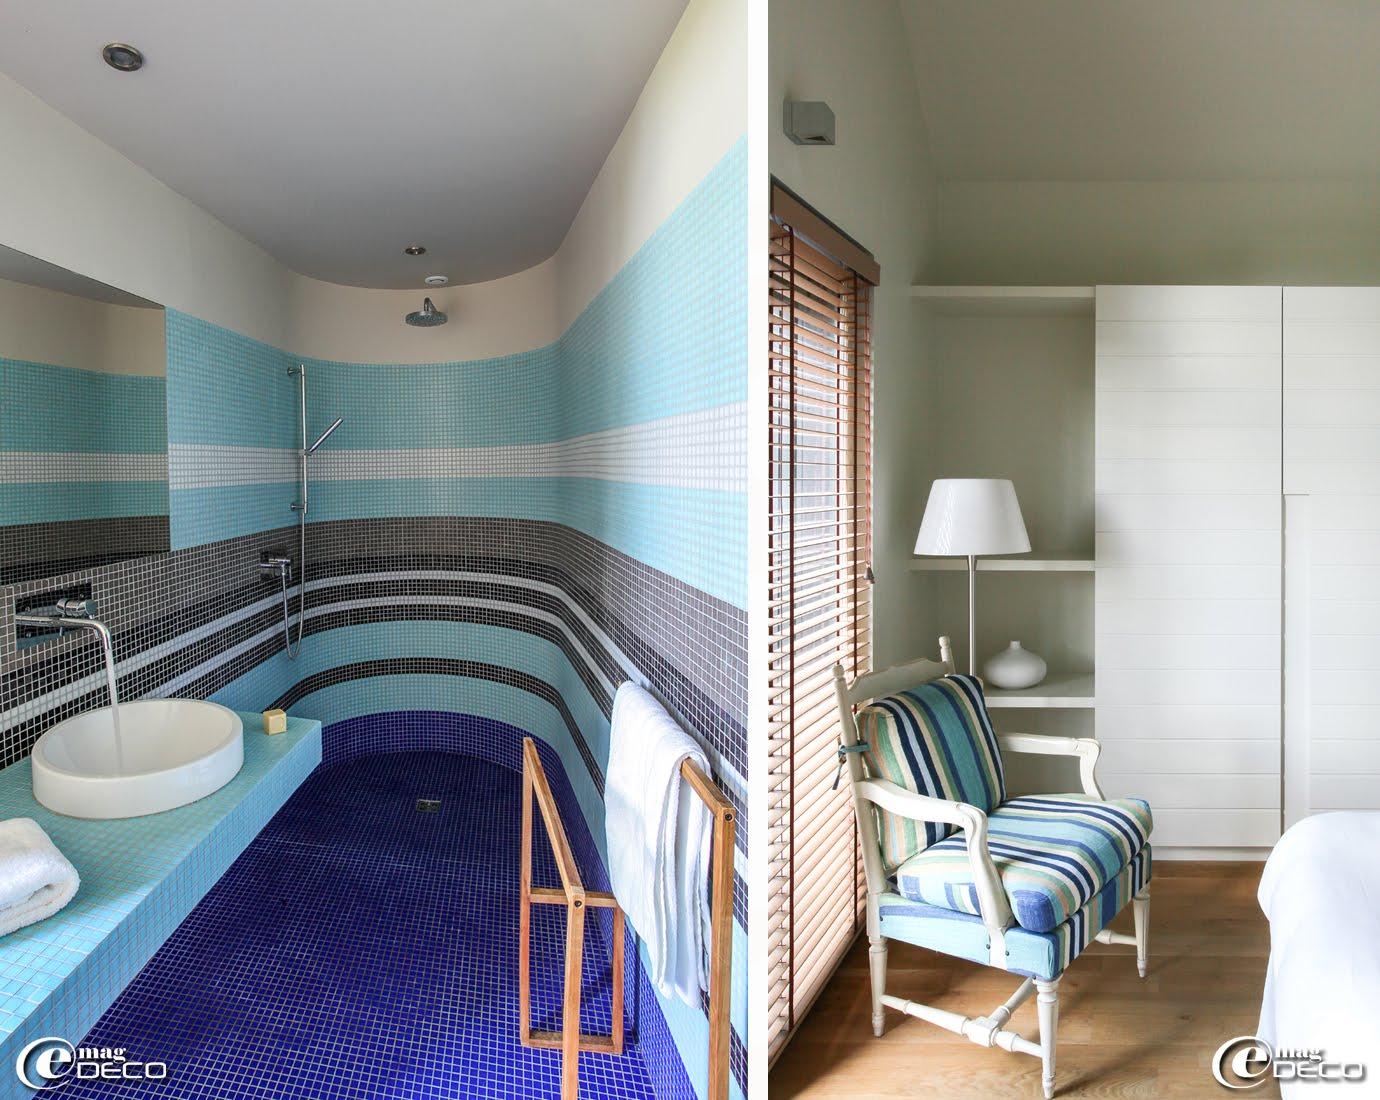 les maisons de bricourt e magdeco magazine de d coration. Black Bedroom Furniture Sets. Home Design Ideas